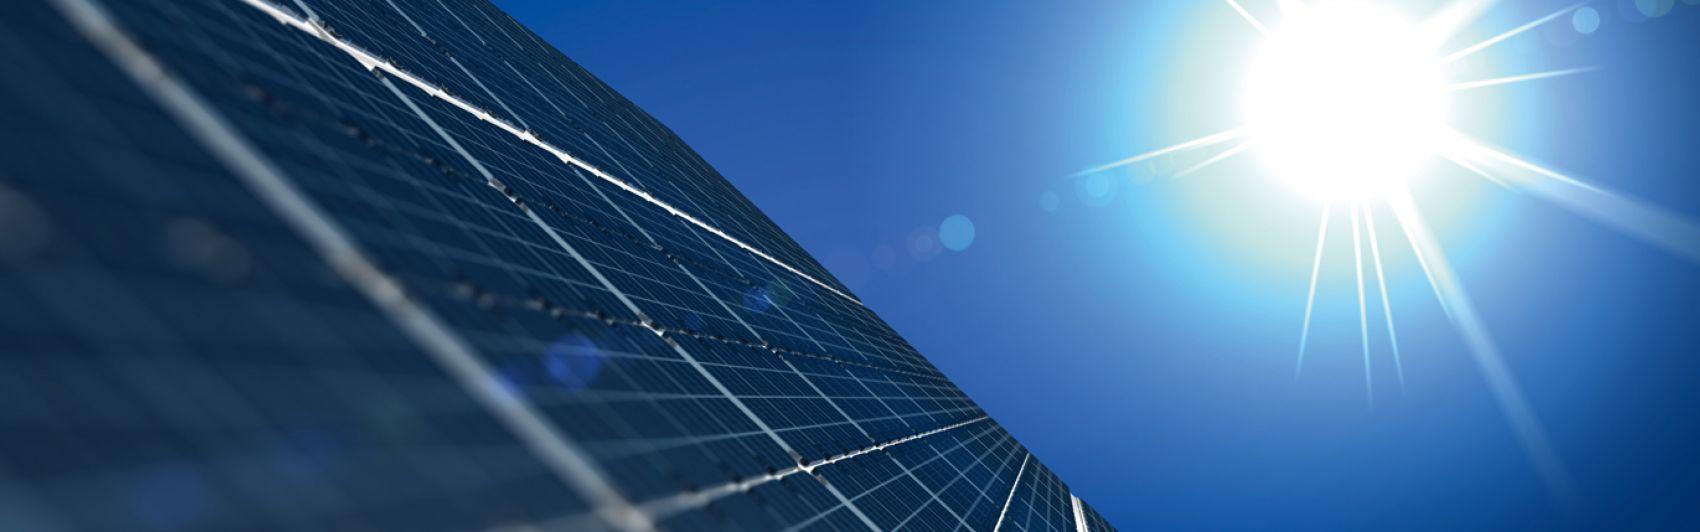 Solaranlage, Sonne, blauer Himmel